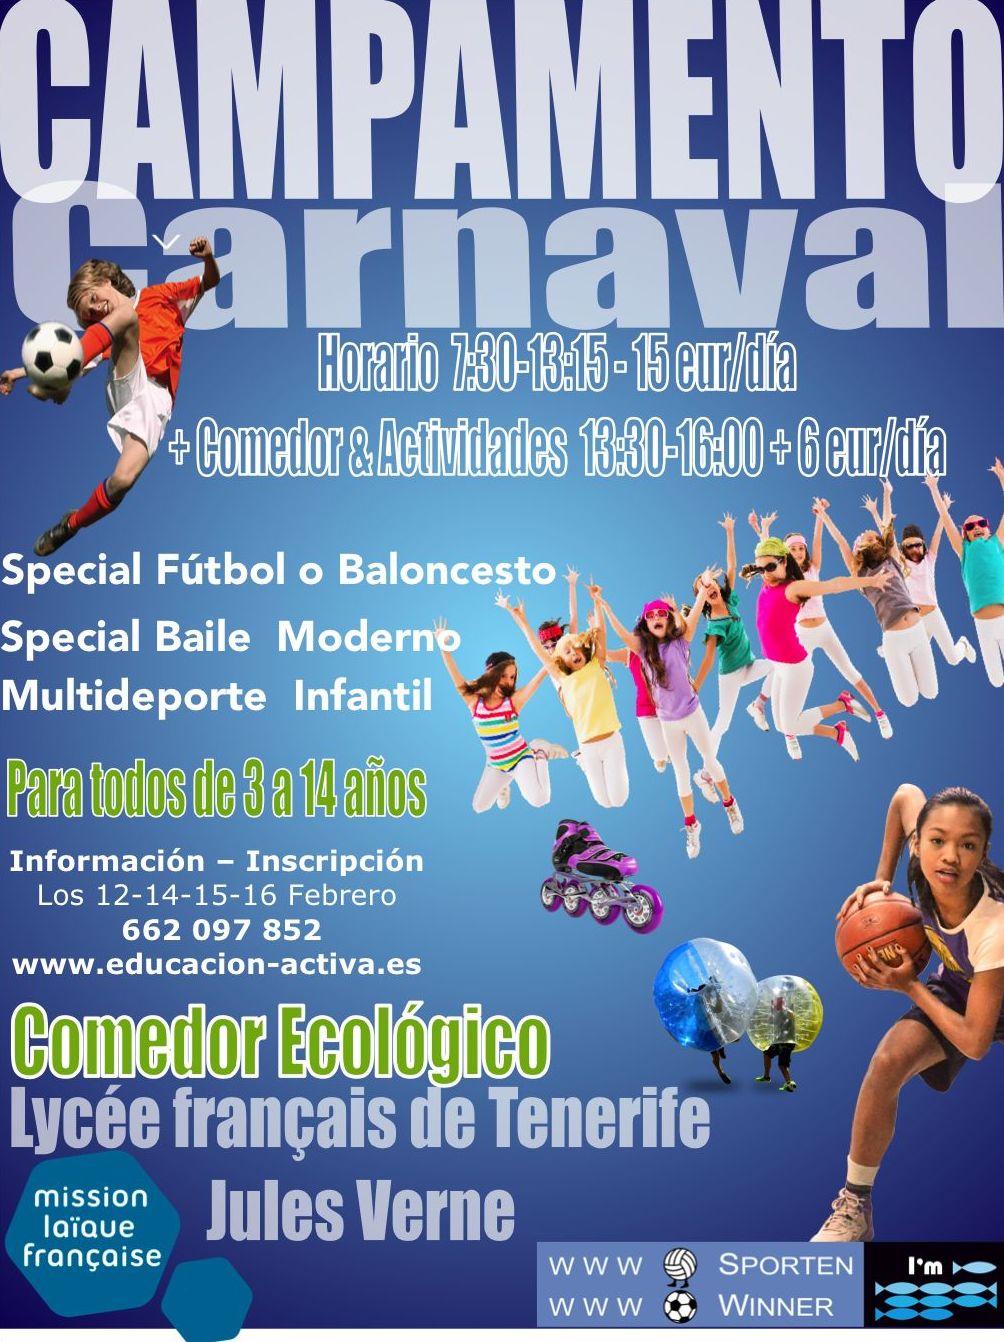 Campamento de carnaval Tenerife 2018